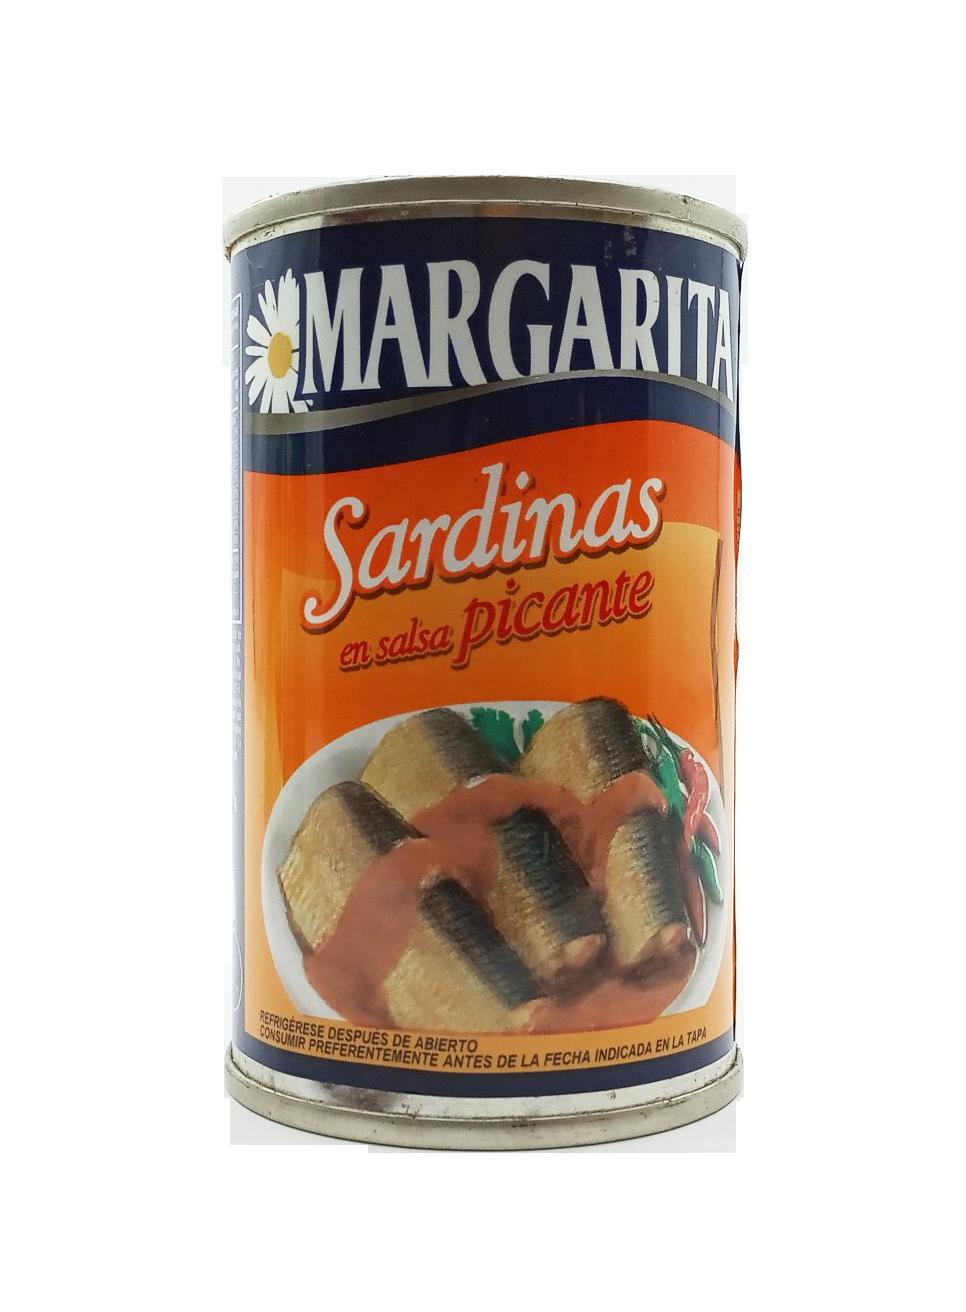 MARGARITA SARDINAS SALSA PICANTE 170GR